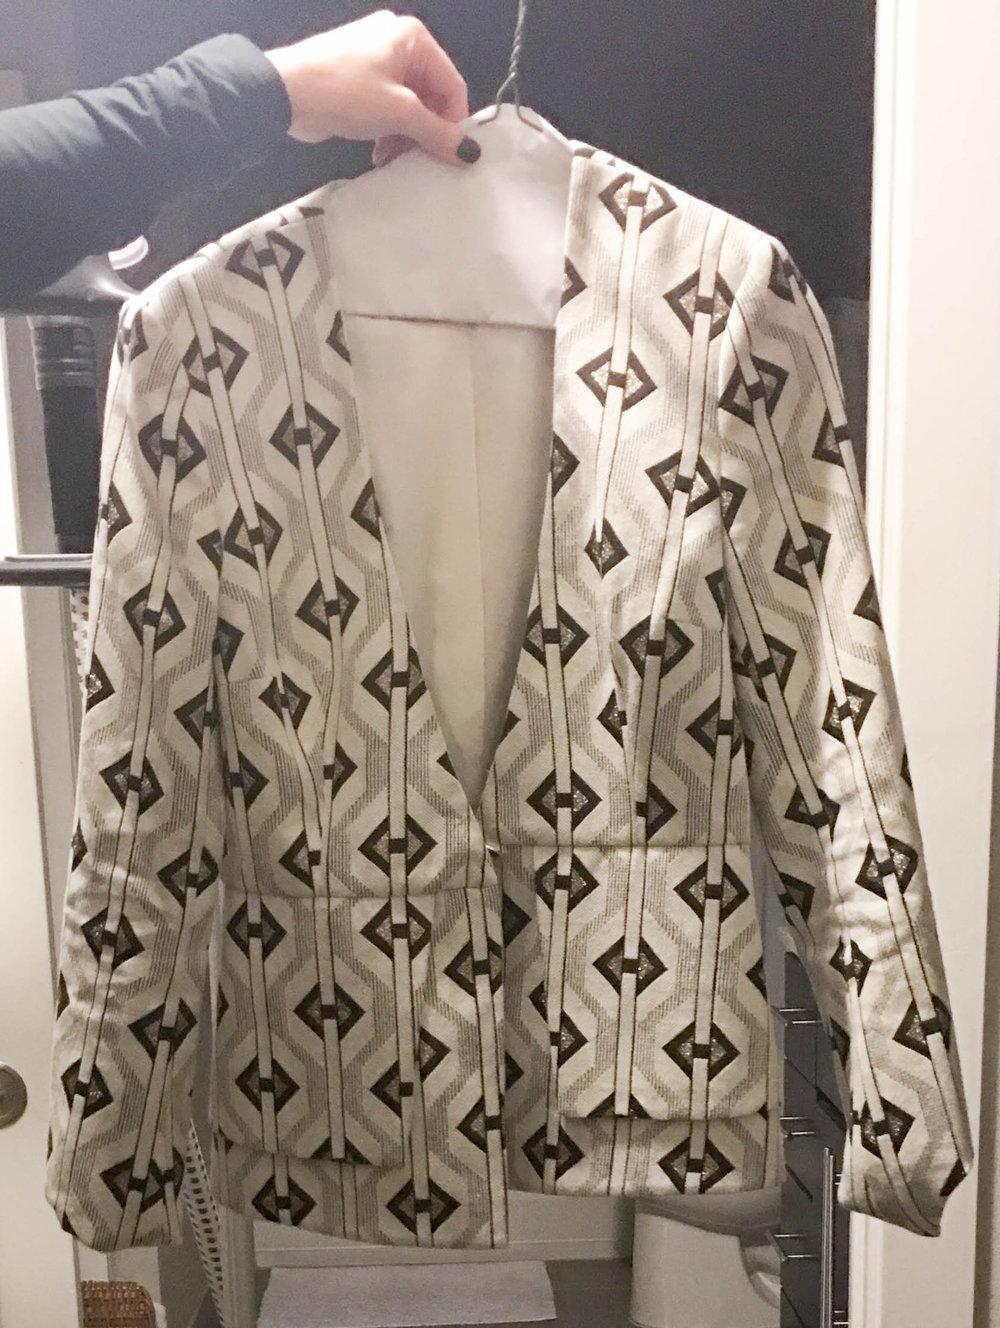 Patterned White Blazer Edited.jpg